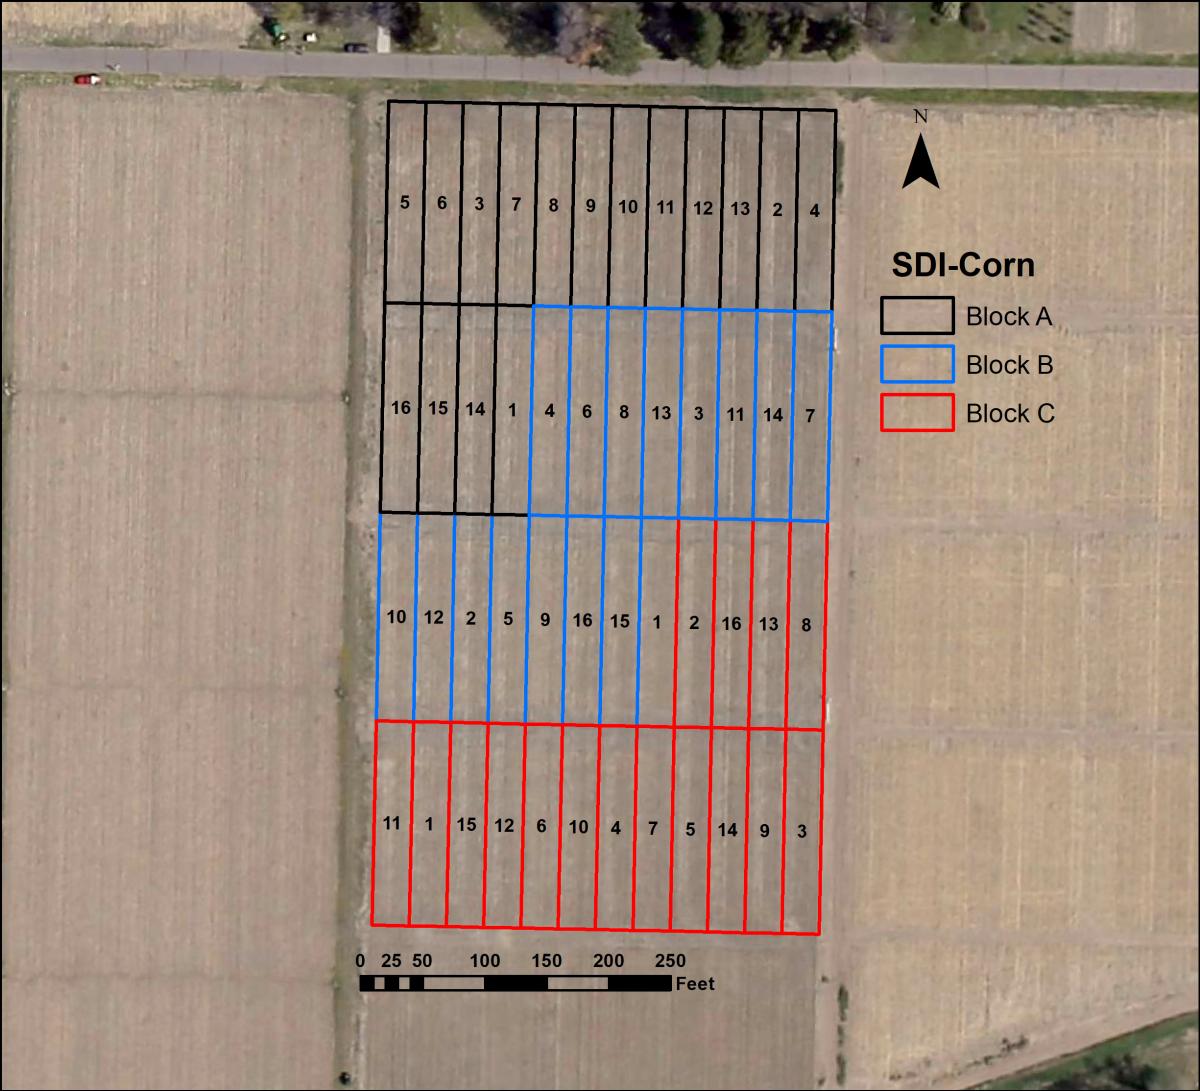 SDI Corn Competition Layout